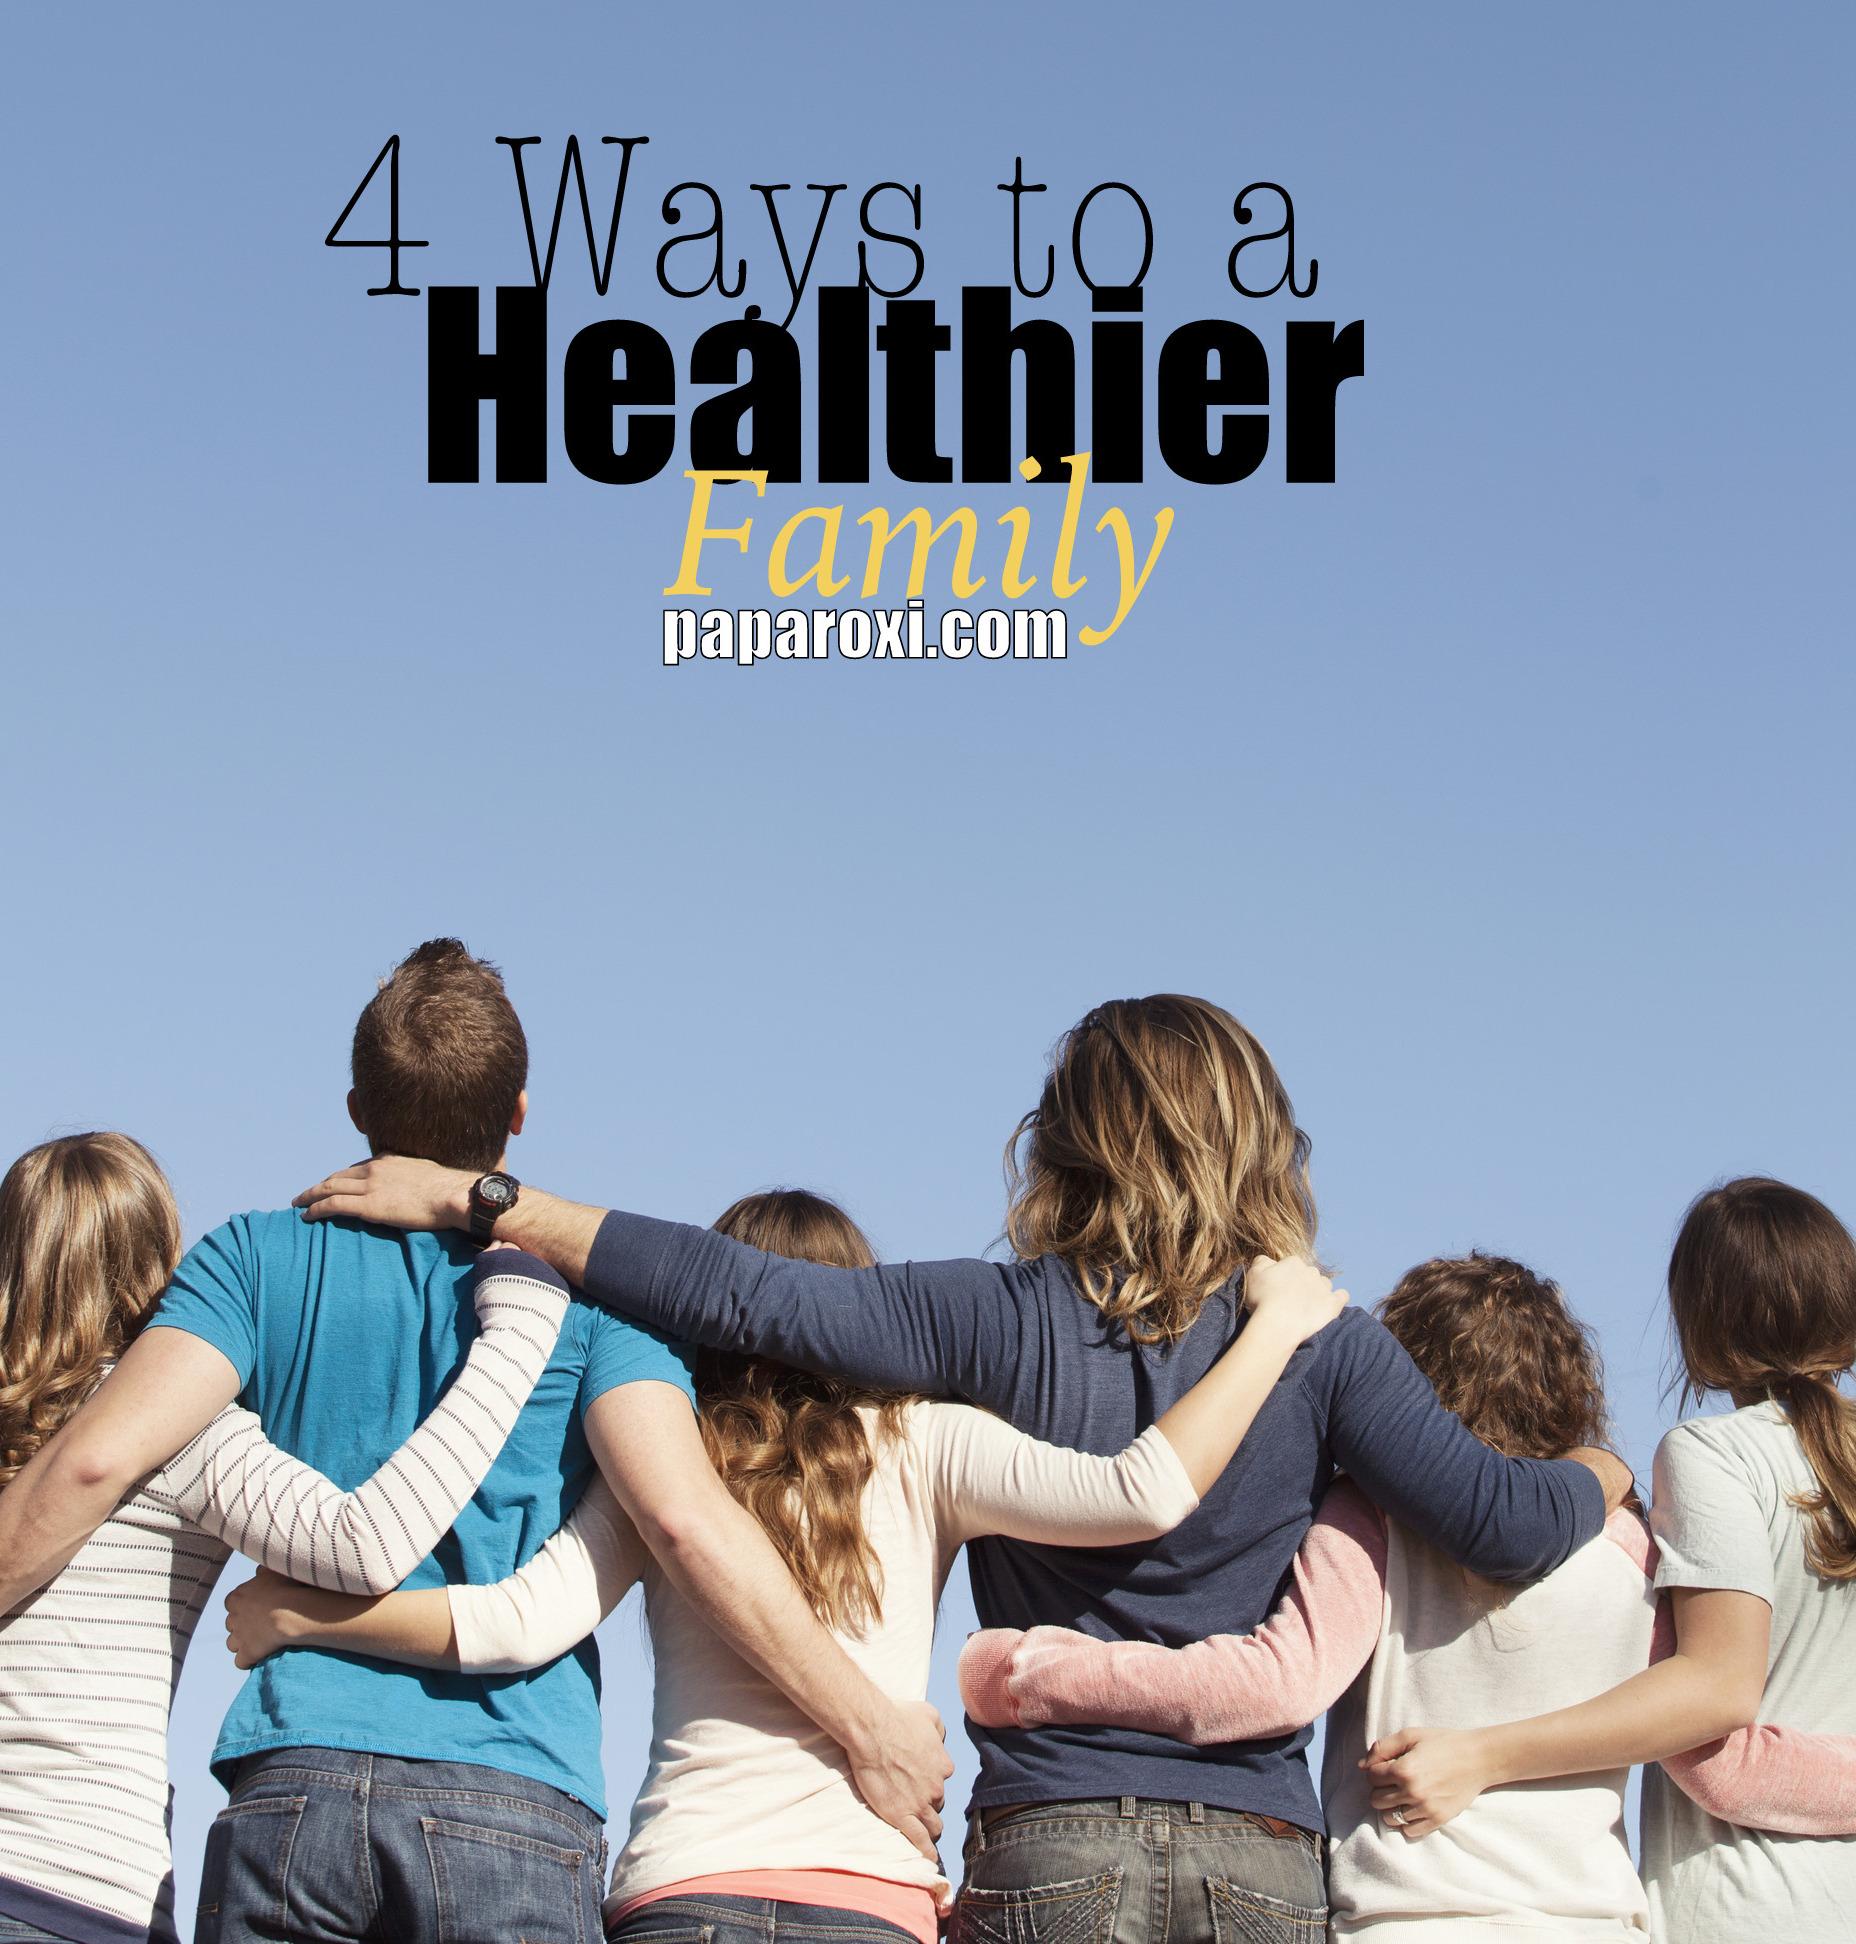 healthyfamily.jpg